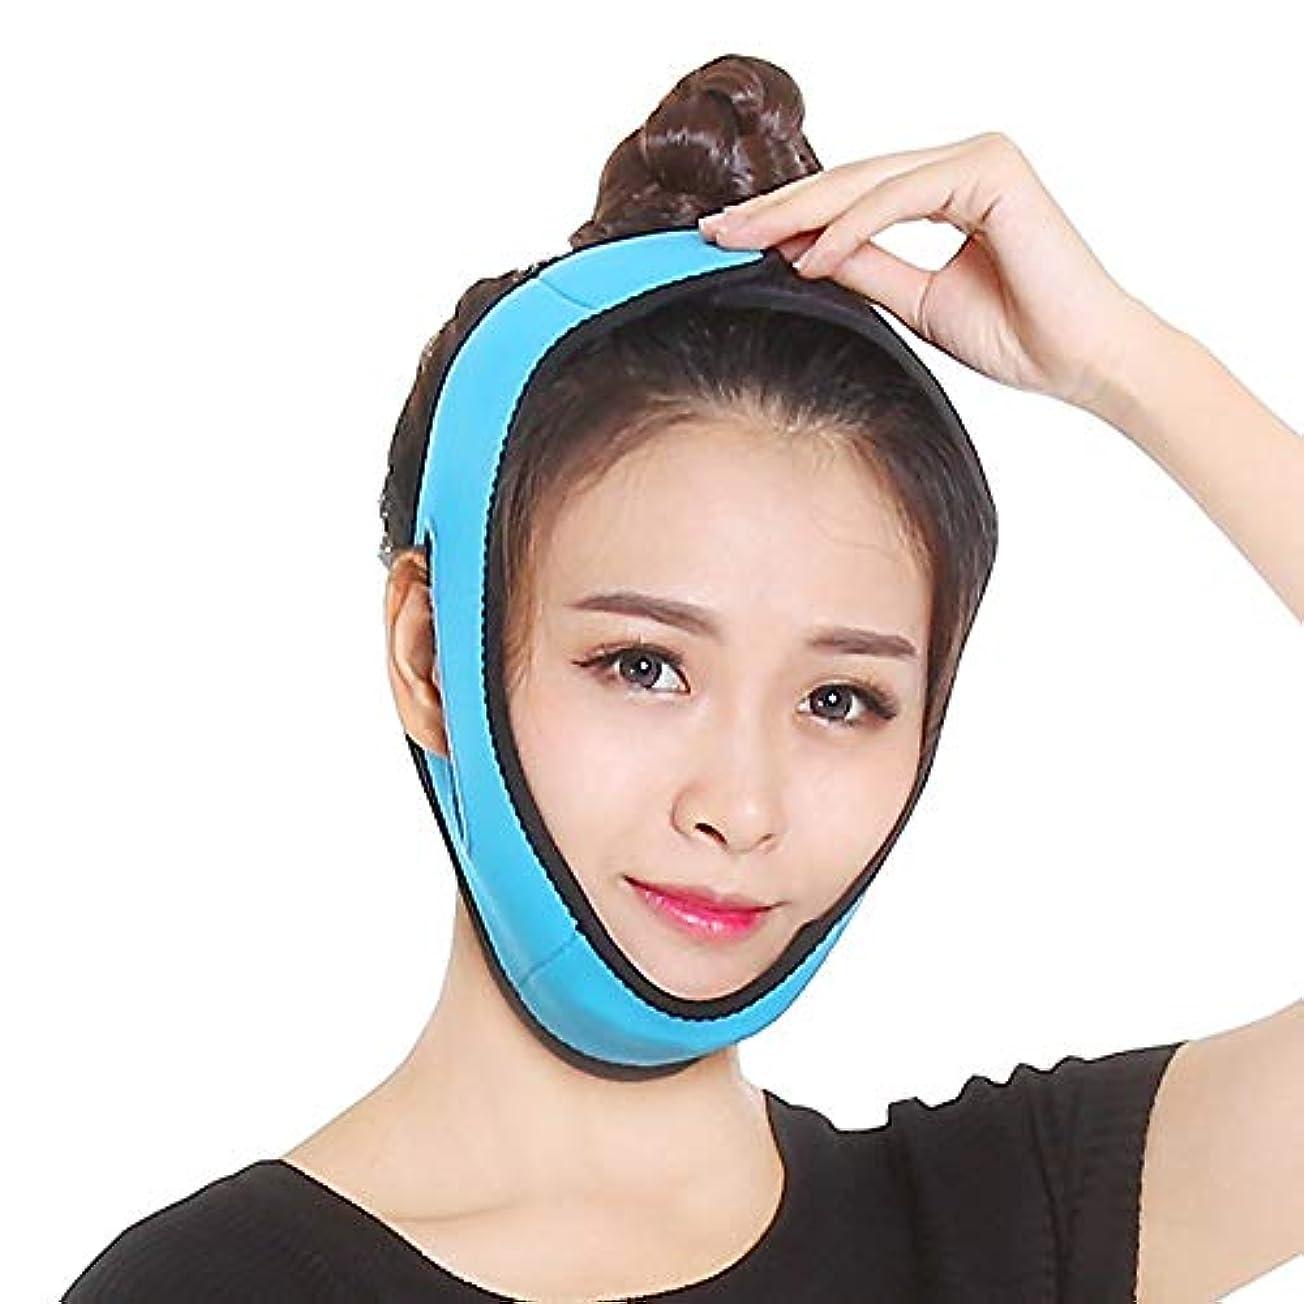 含意あなたは性的フェイスリフトベルト 薄い顔のベルト - 薄い顔のツール薄い顔のベルト通気性のラテックスのマッサージV型の顔のアーティファクトの顔の薄いマスク